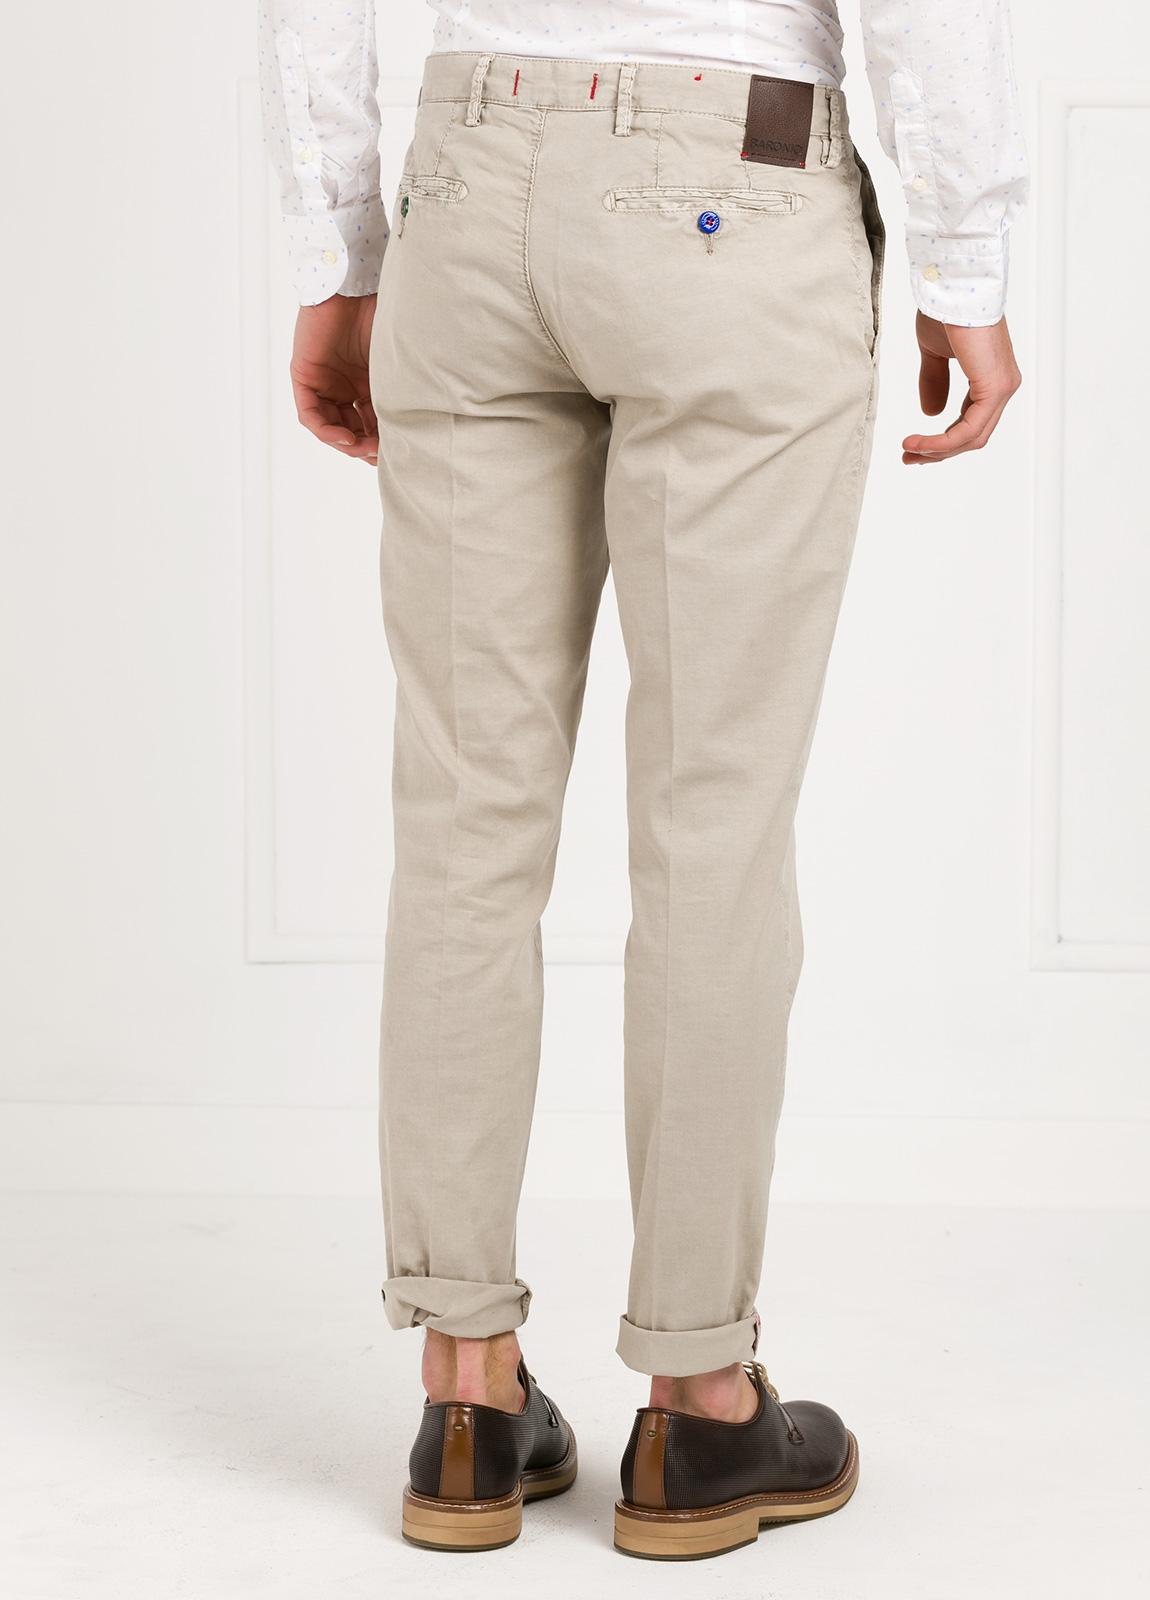 Pantalón chino color piedra. 100% Algodón oxford envejecido. - Ítem2